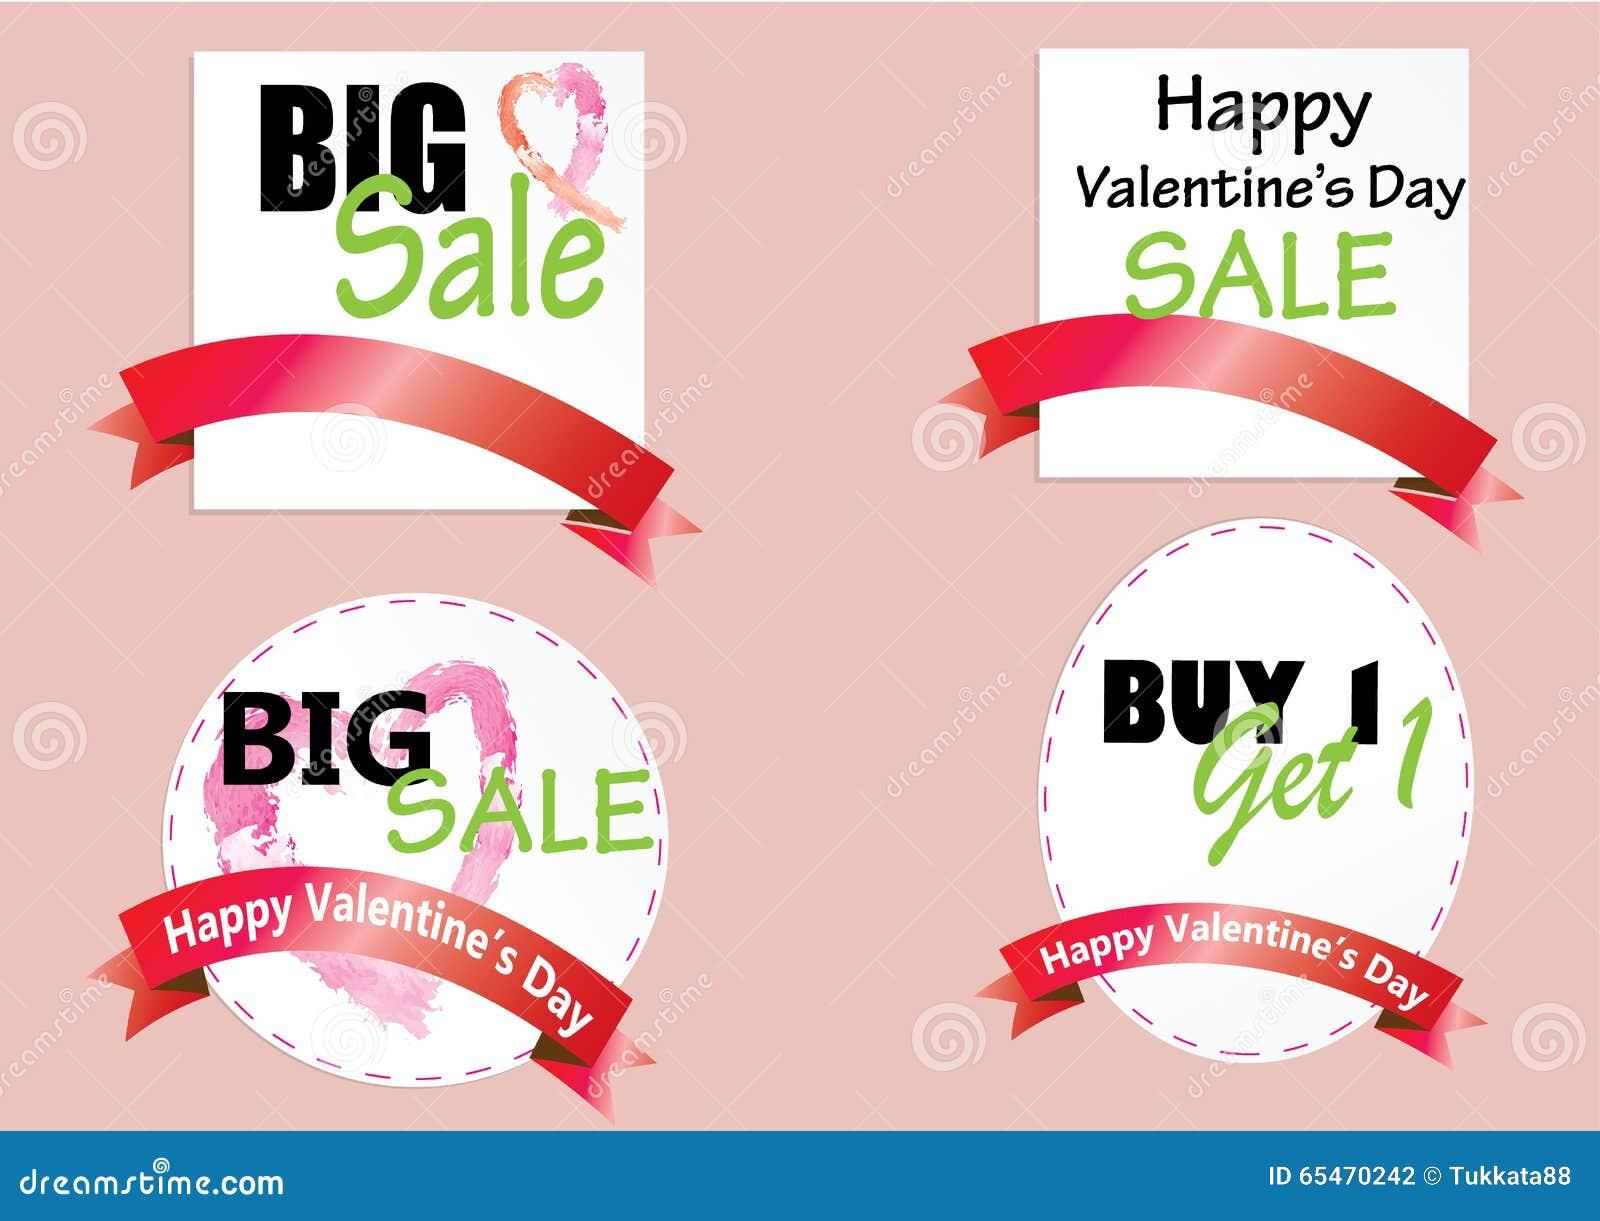 coupon free buy sake